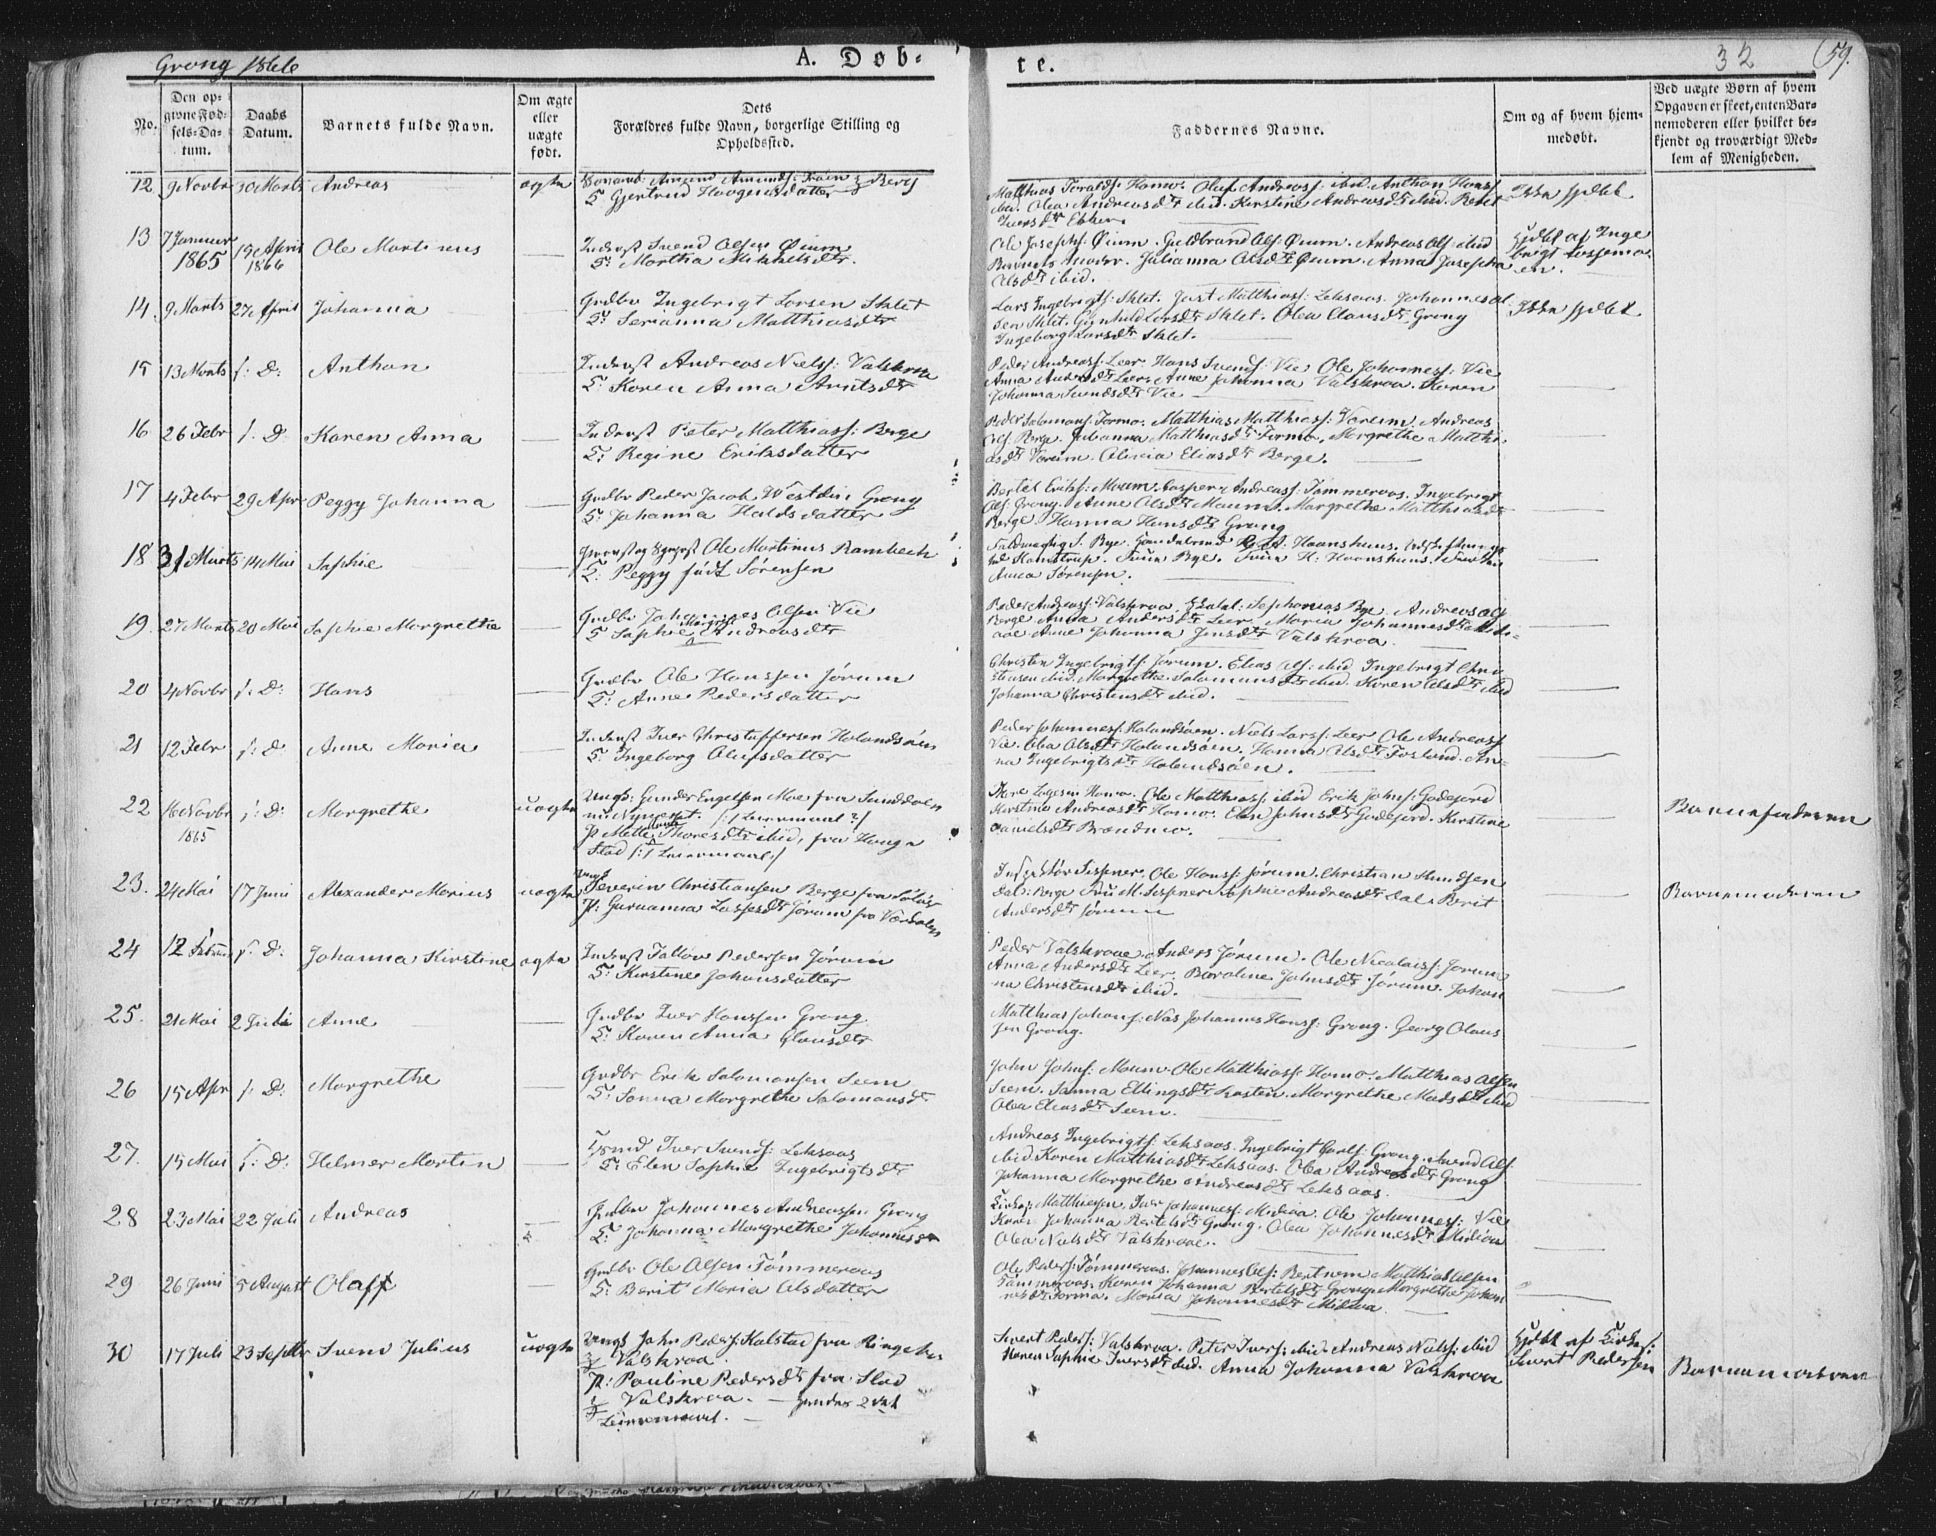 SAT, Ministerialprotokoller, klokkerbøker og fødselsregistre - Nord-Trøndelag, 758/L0513: Ministerialbok nr. 758A02 /1, 1839-1868, s. 32